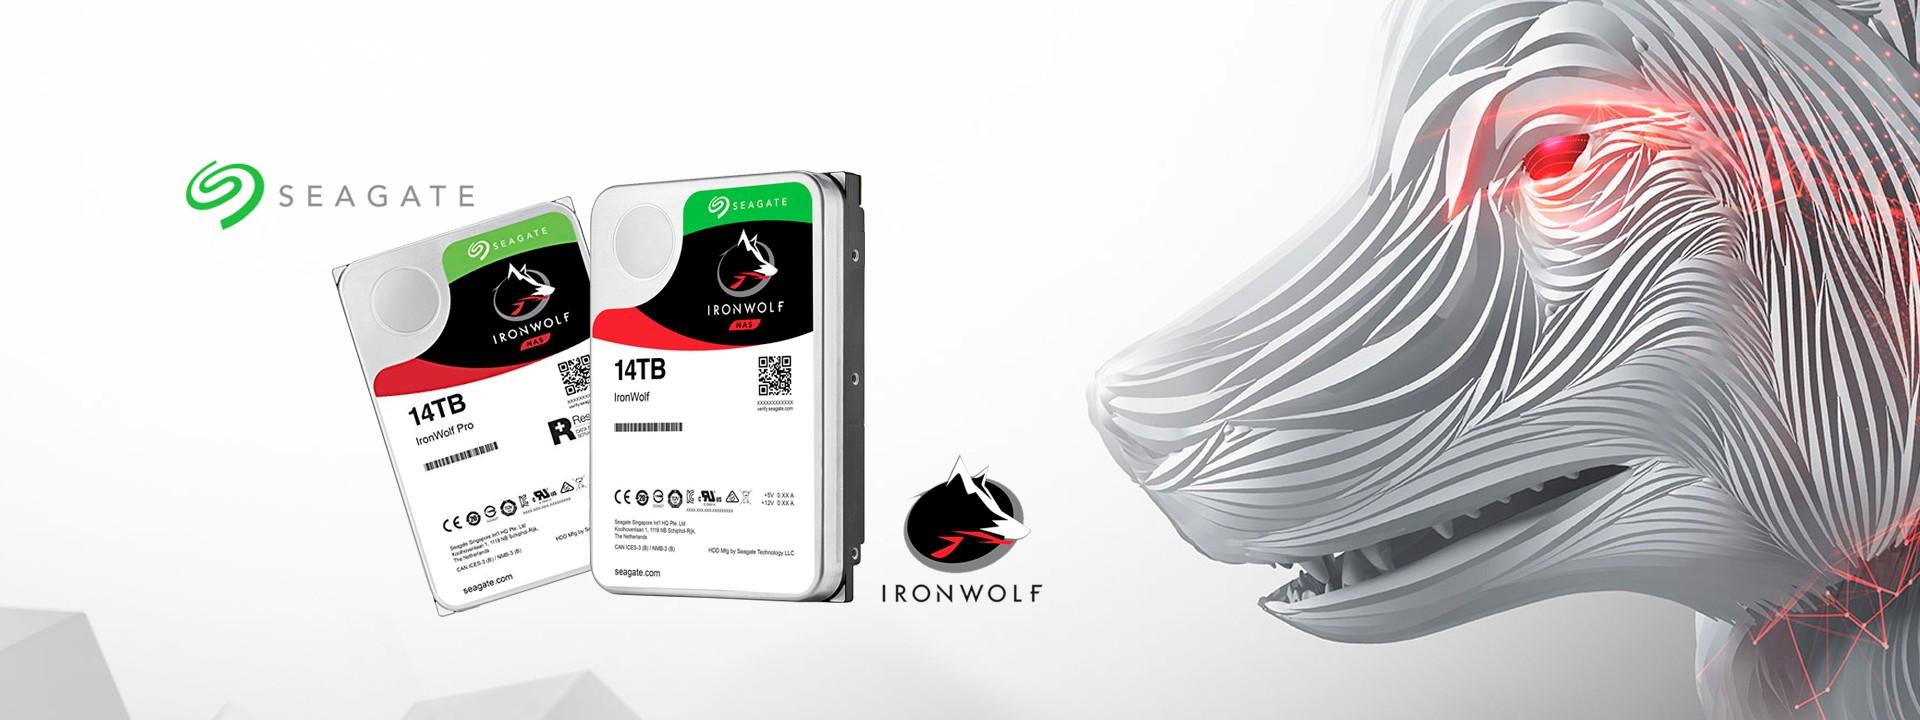 IronWolf 14TB